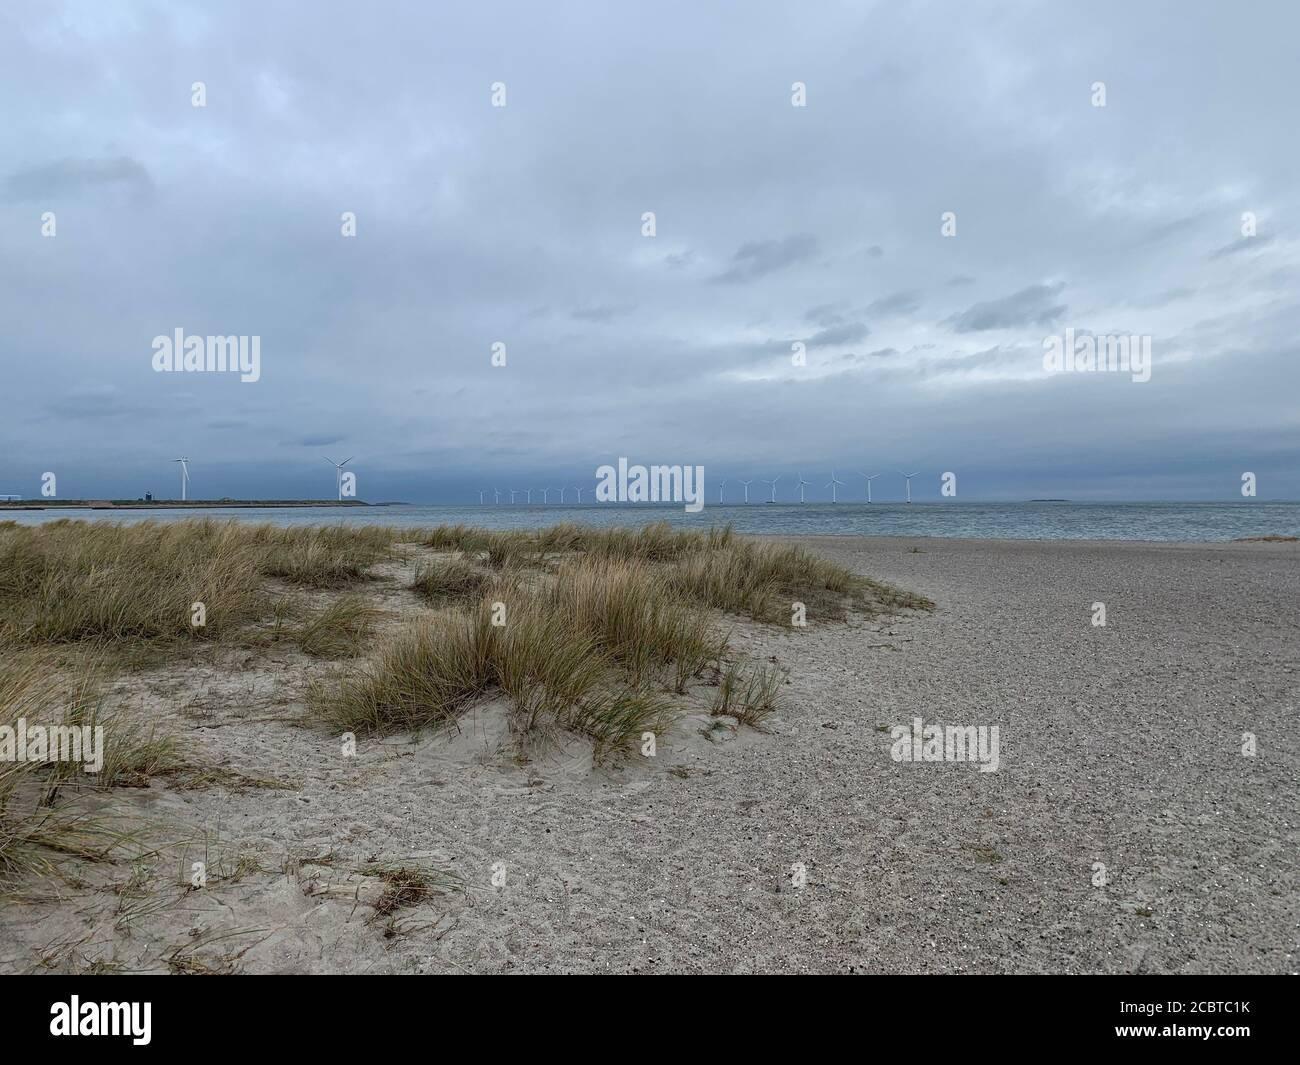 Amager Strandpark dunas de arena y molinos de viento en el fondo, Copenhague. Foto de stock